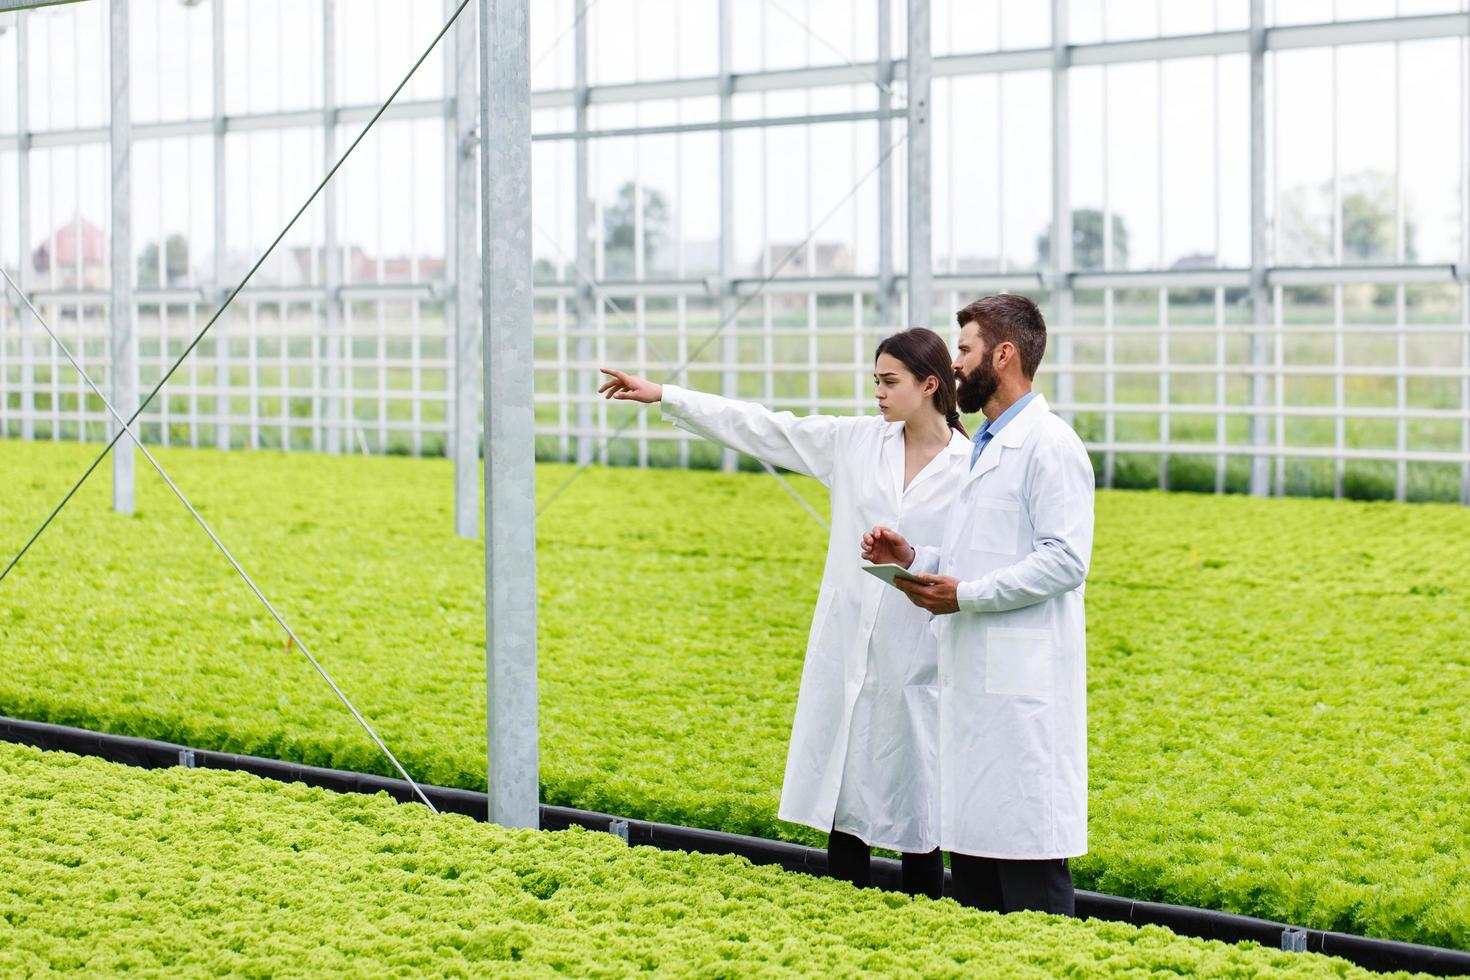 due ricerche uomo e donna esaminano il verde con una tavoletta in una serra tutta bianca foto